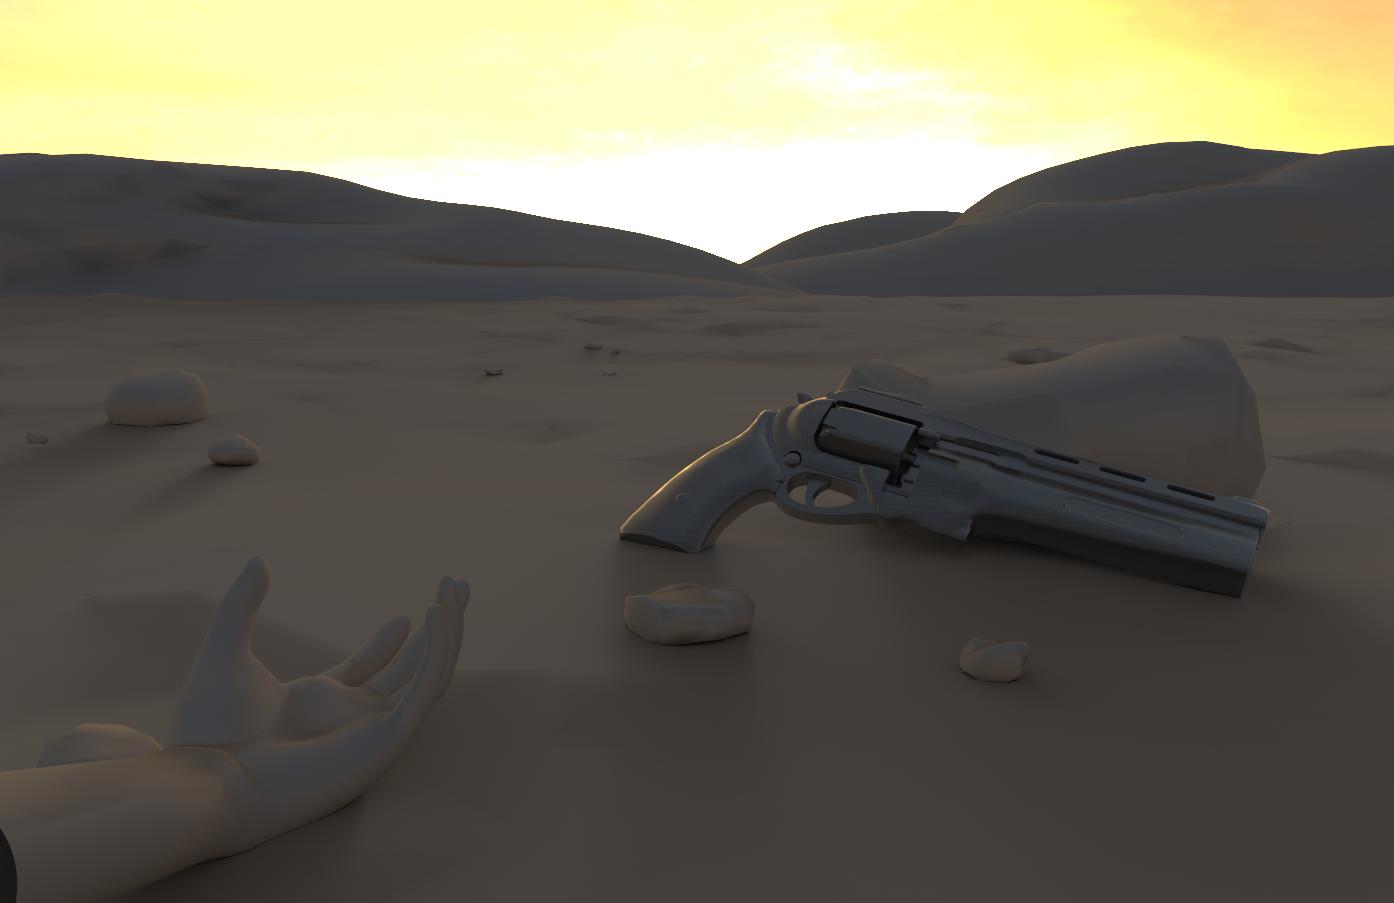 Three D Guns - The Gunslinger